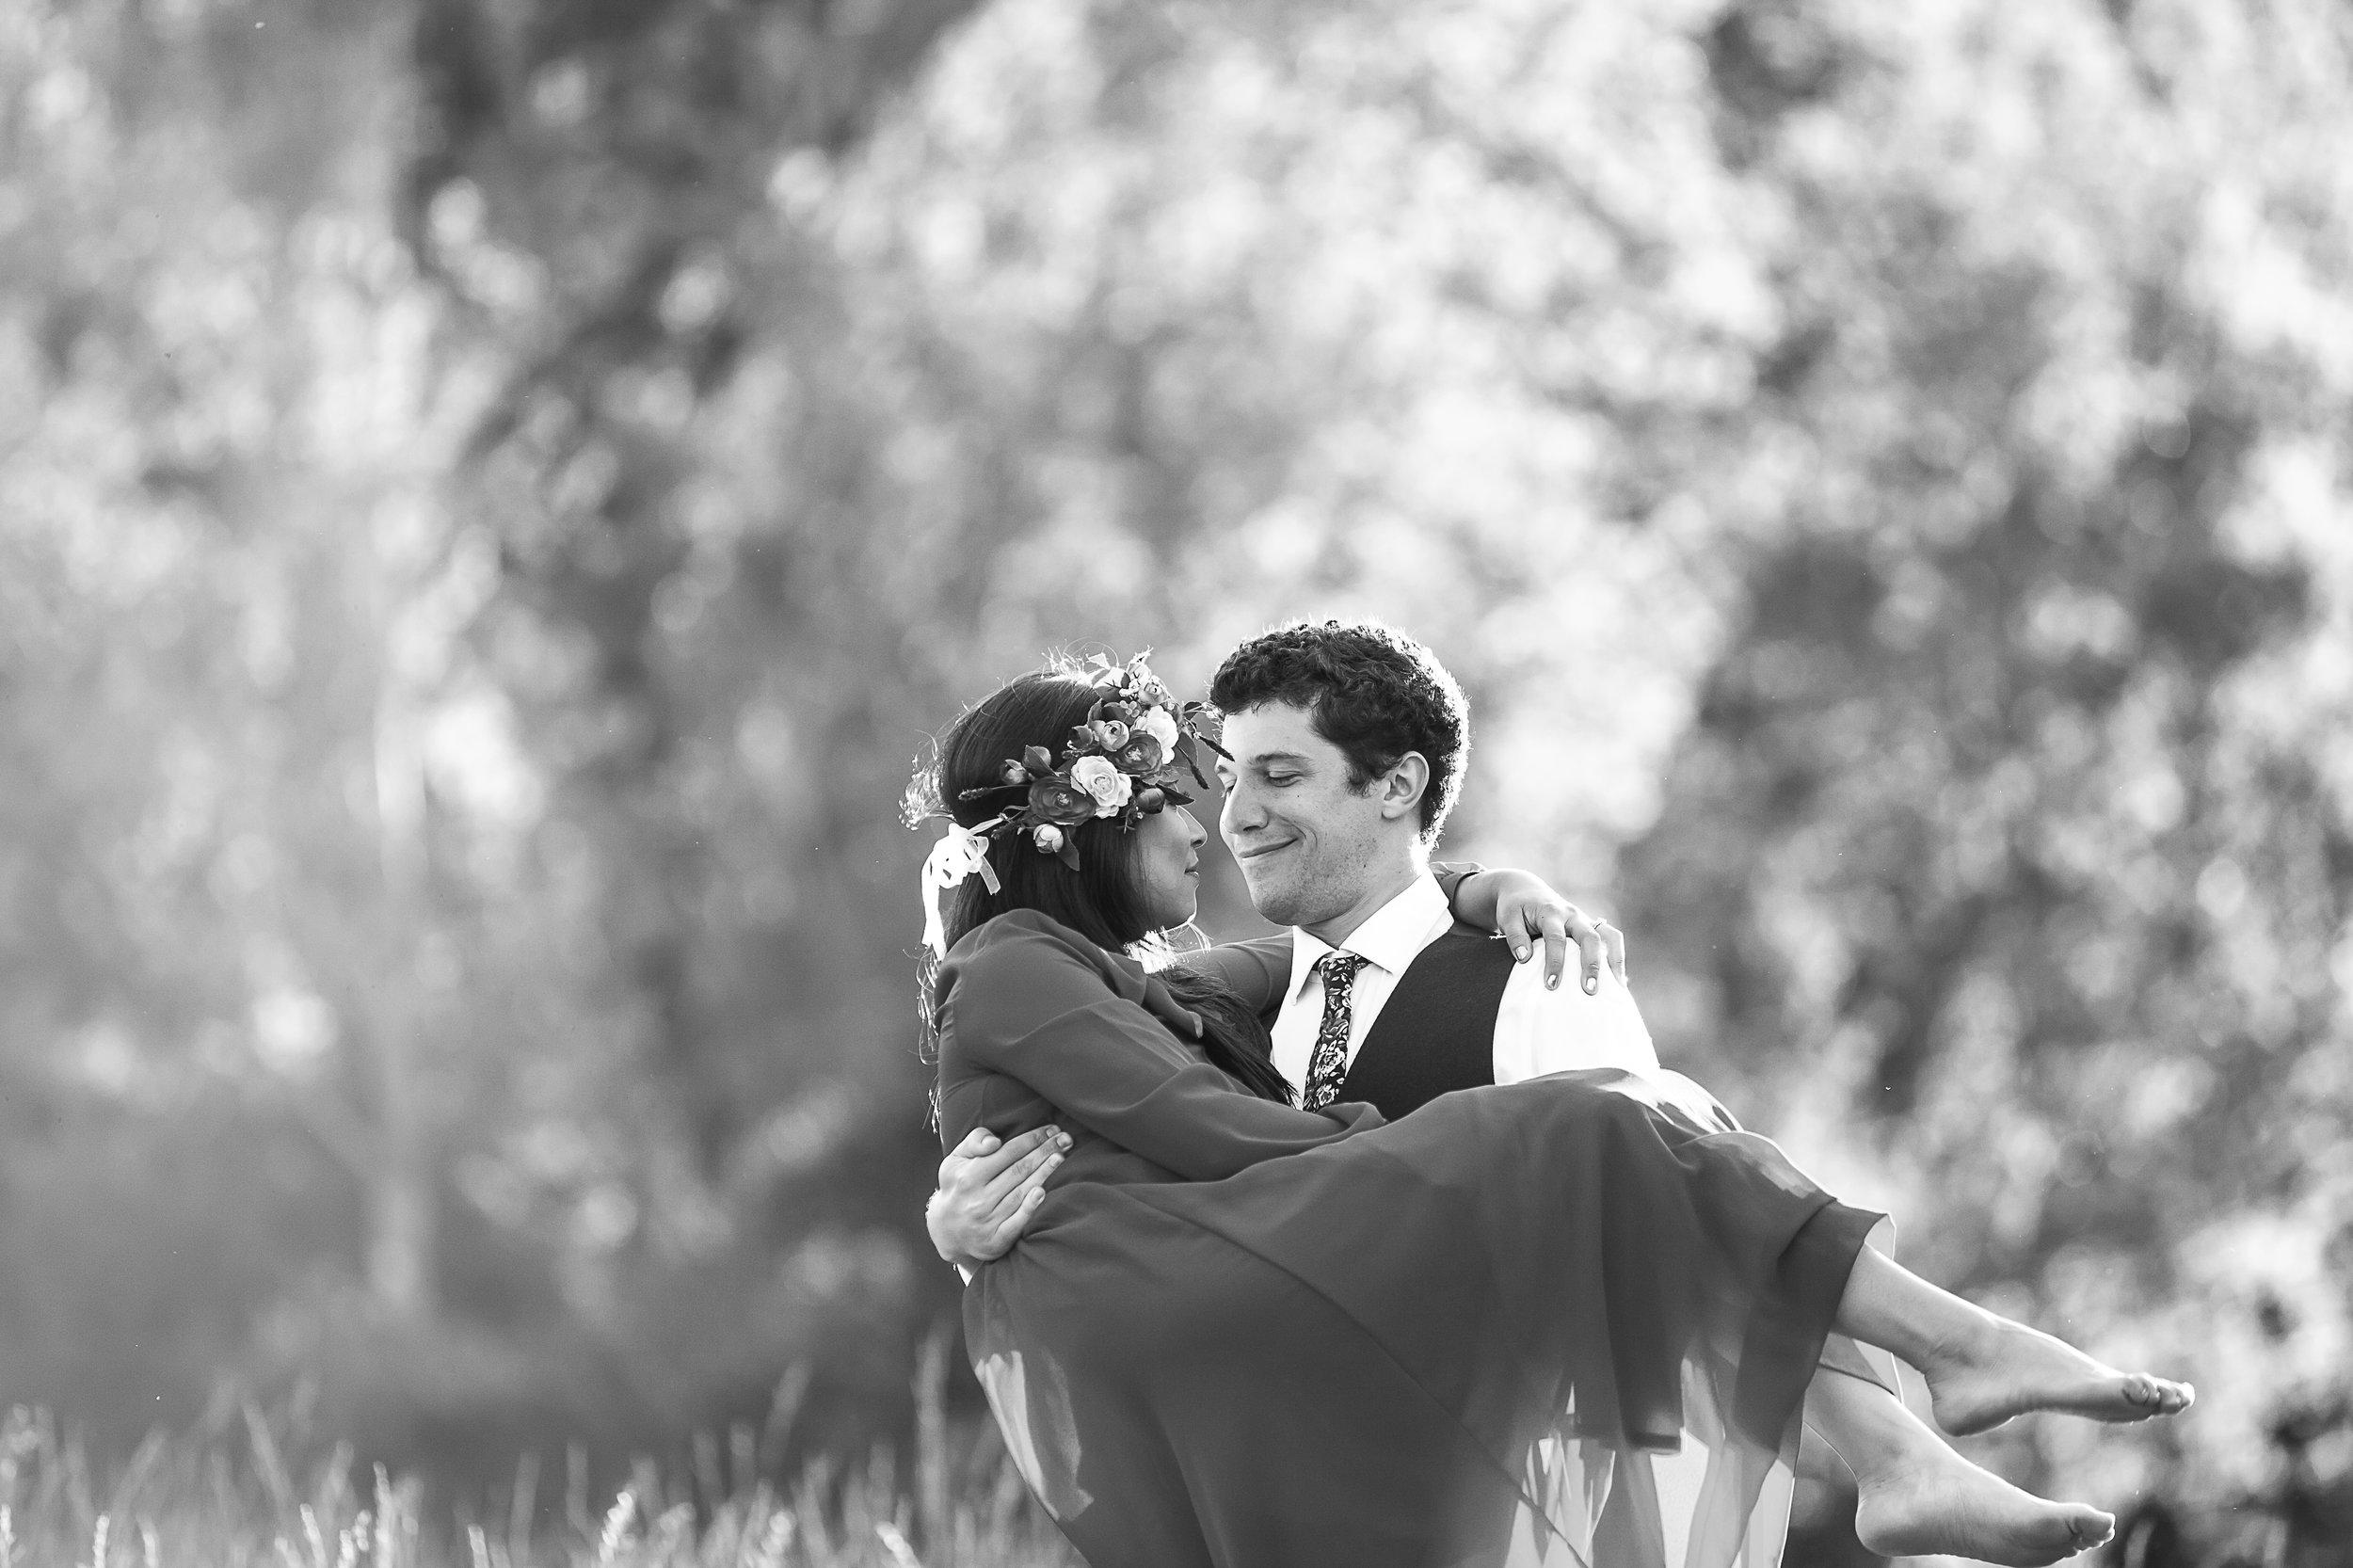 Mai-Dan-Engagement-Kim-Pham-Clark-Photography-164.jpg